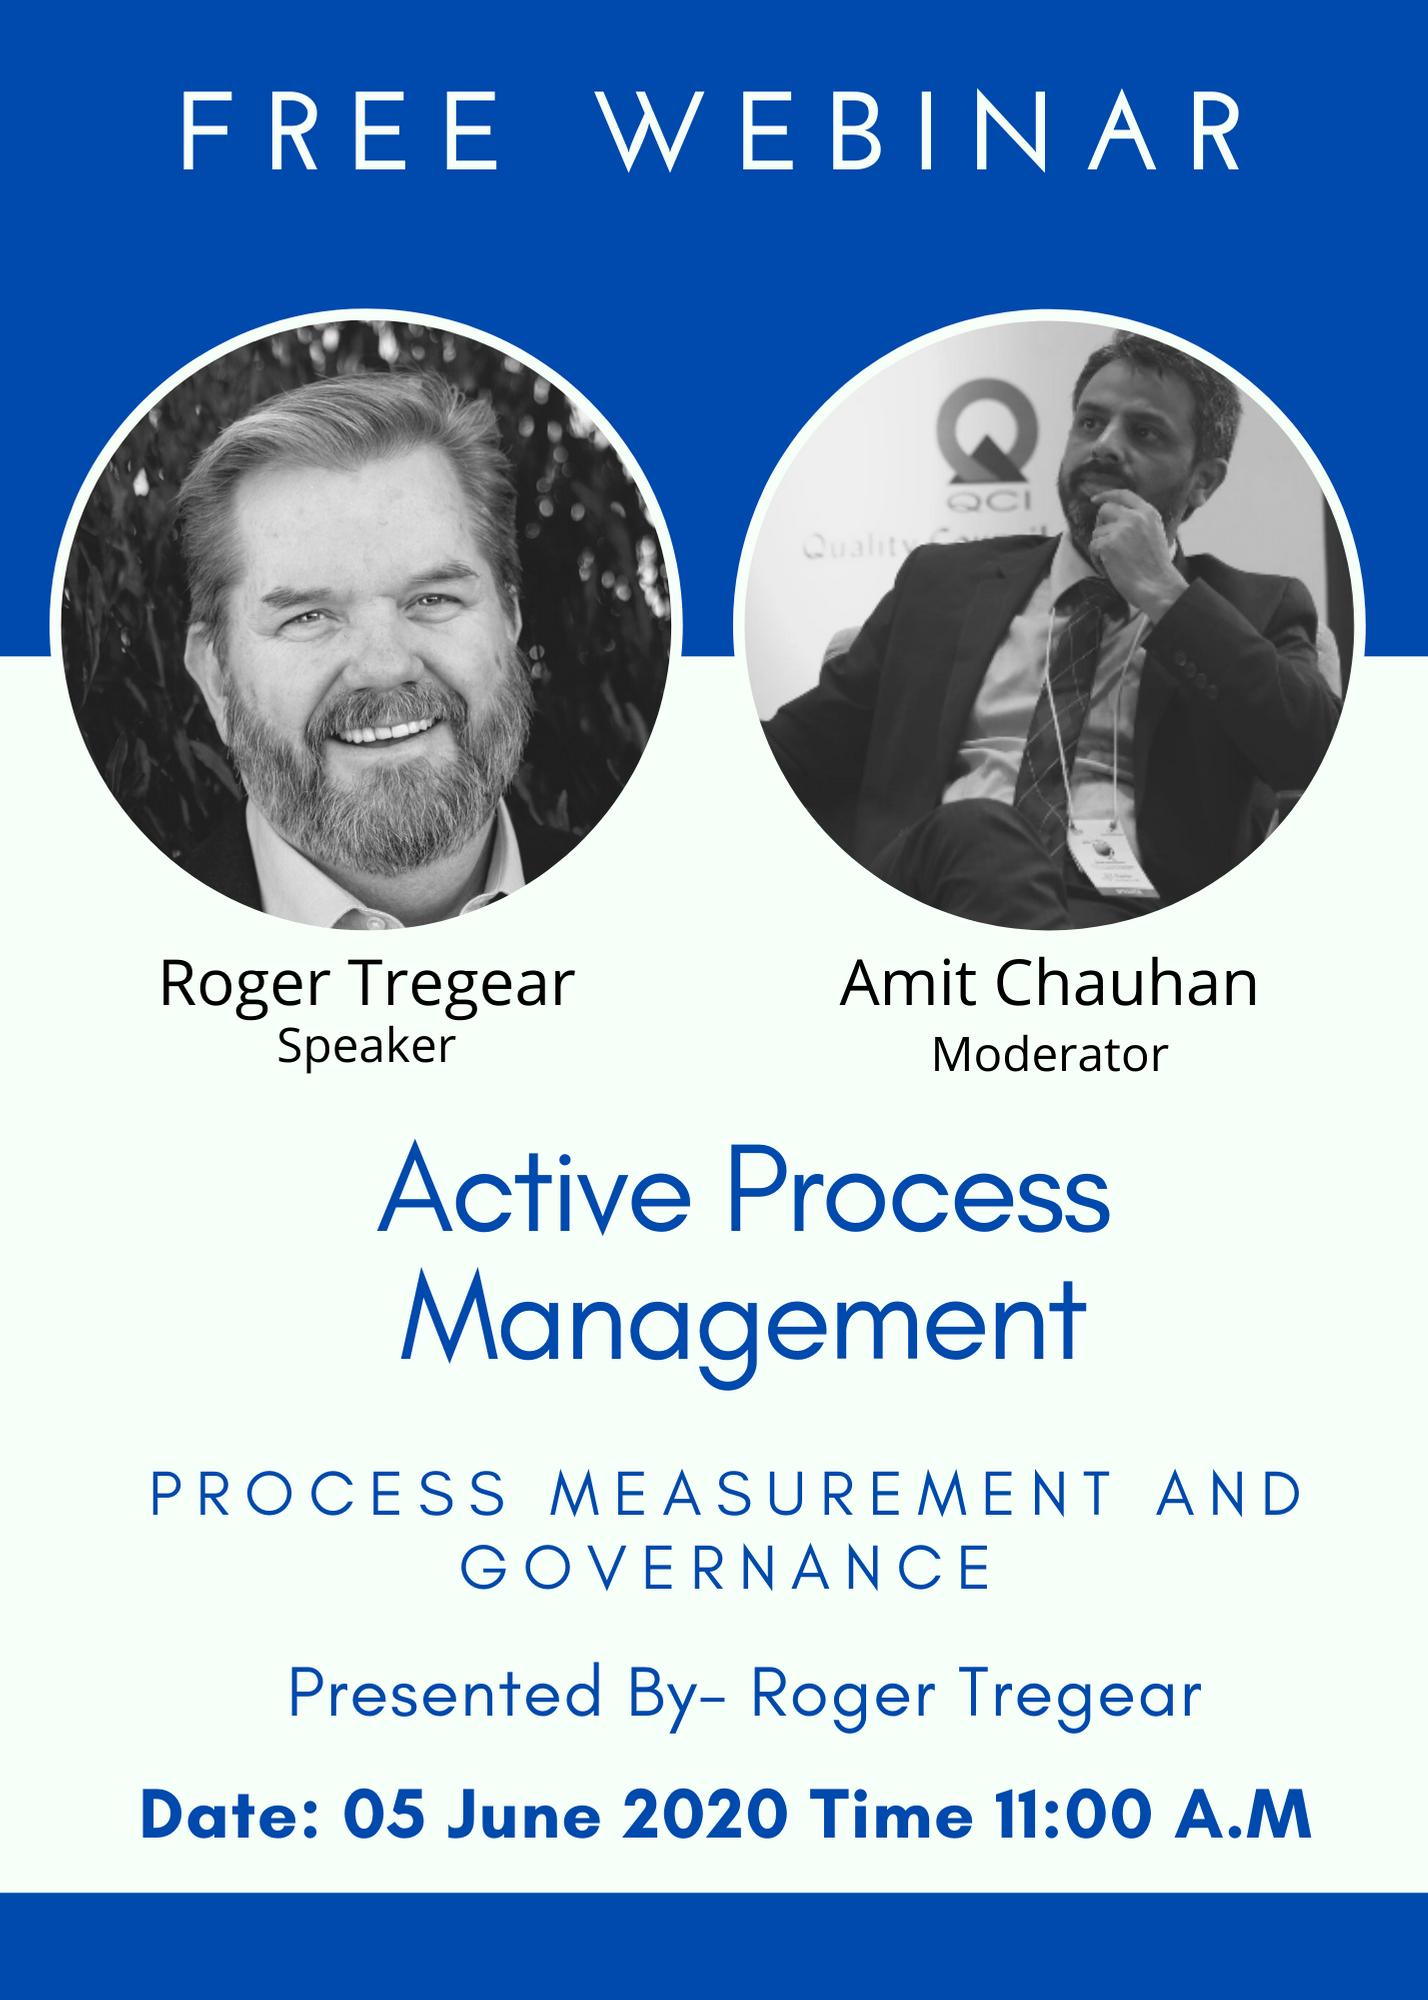 Active Process Management